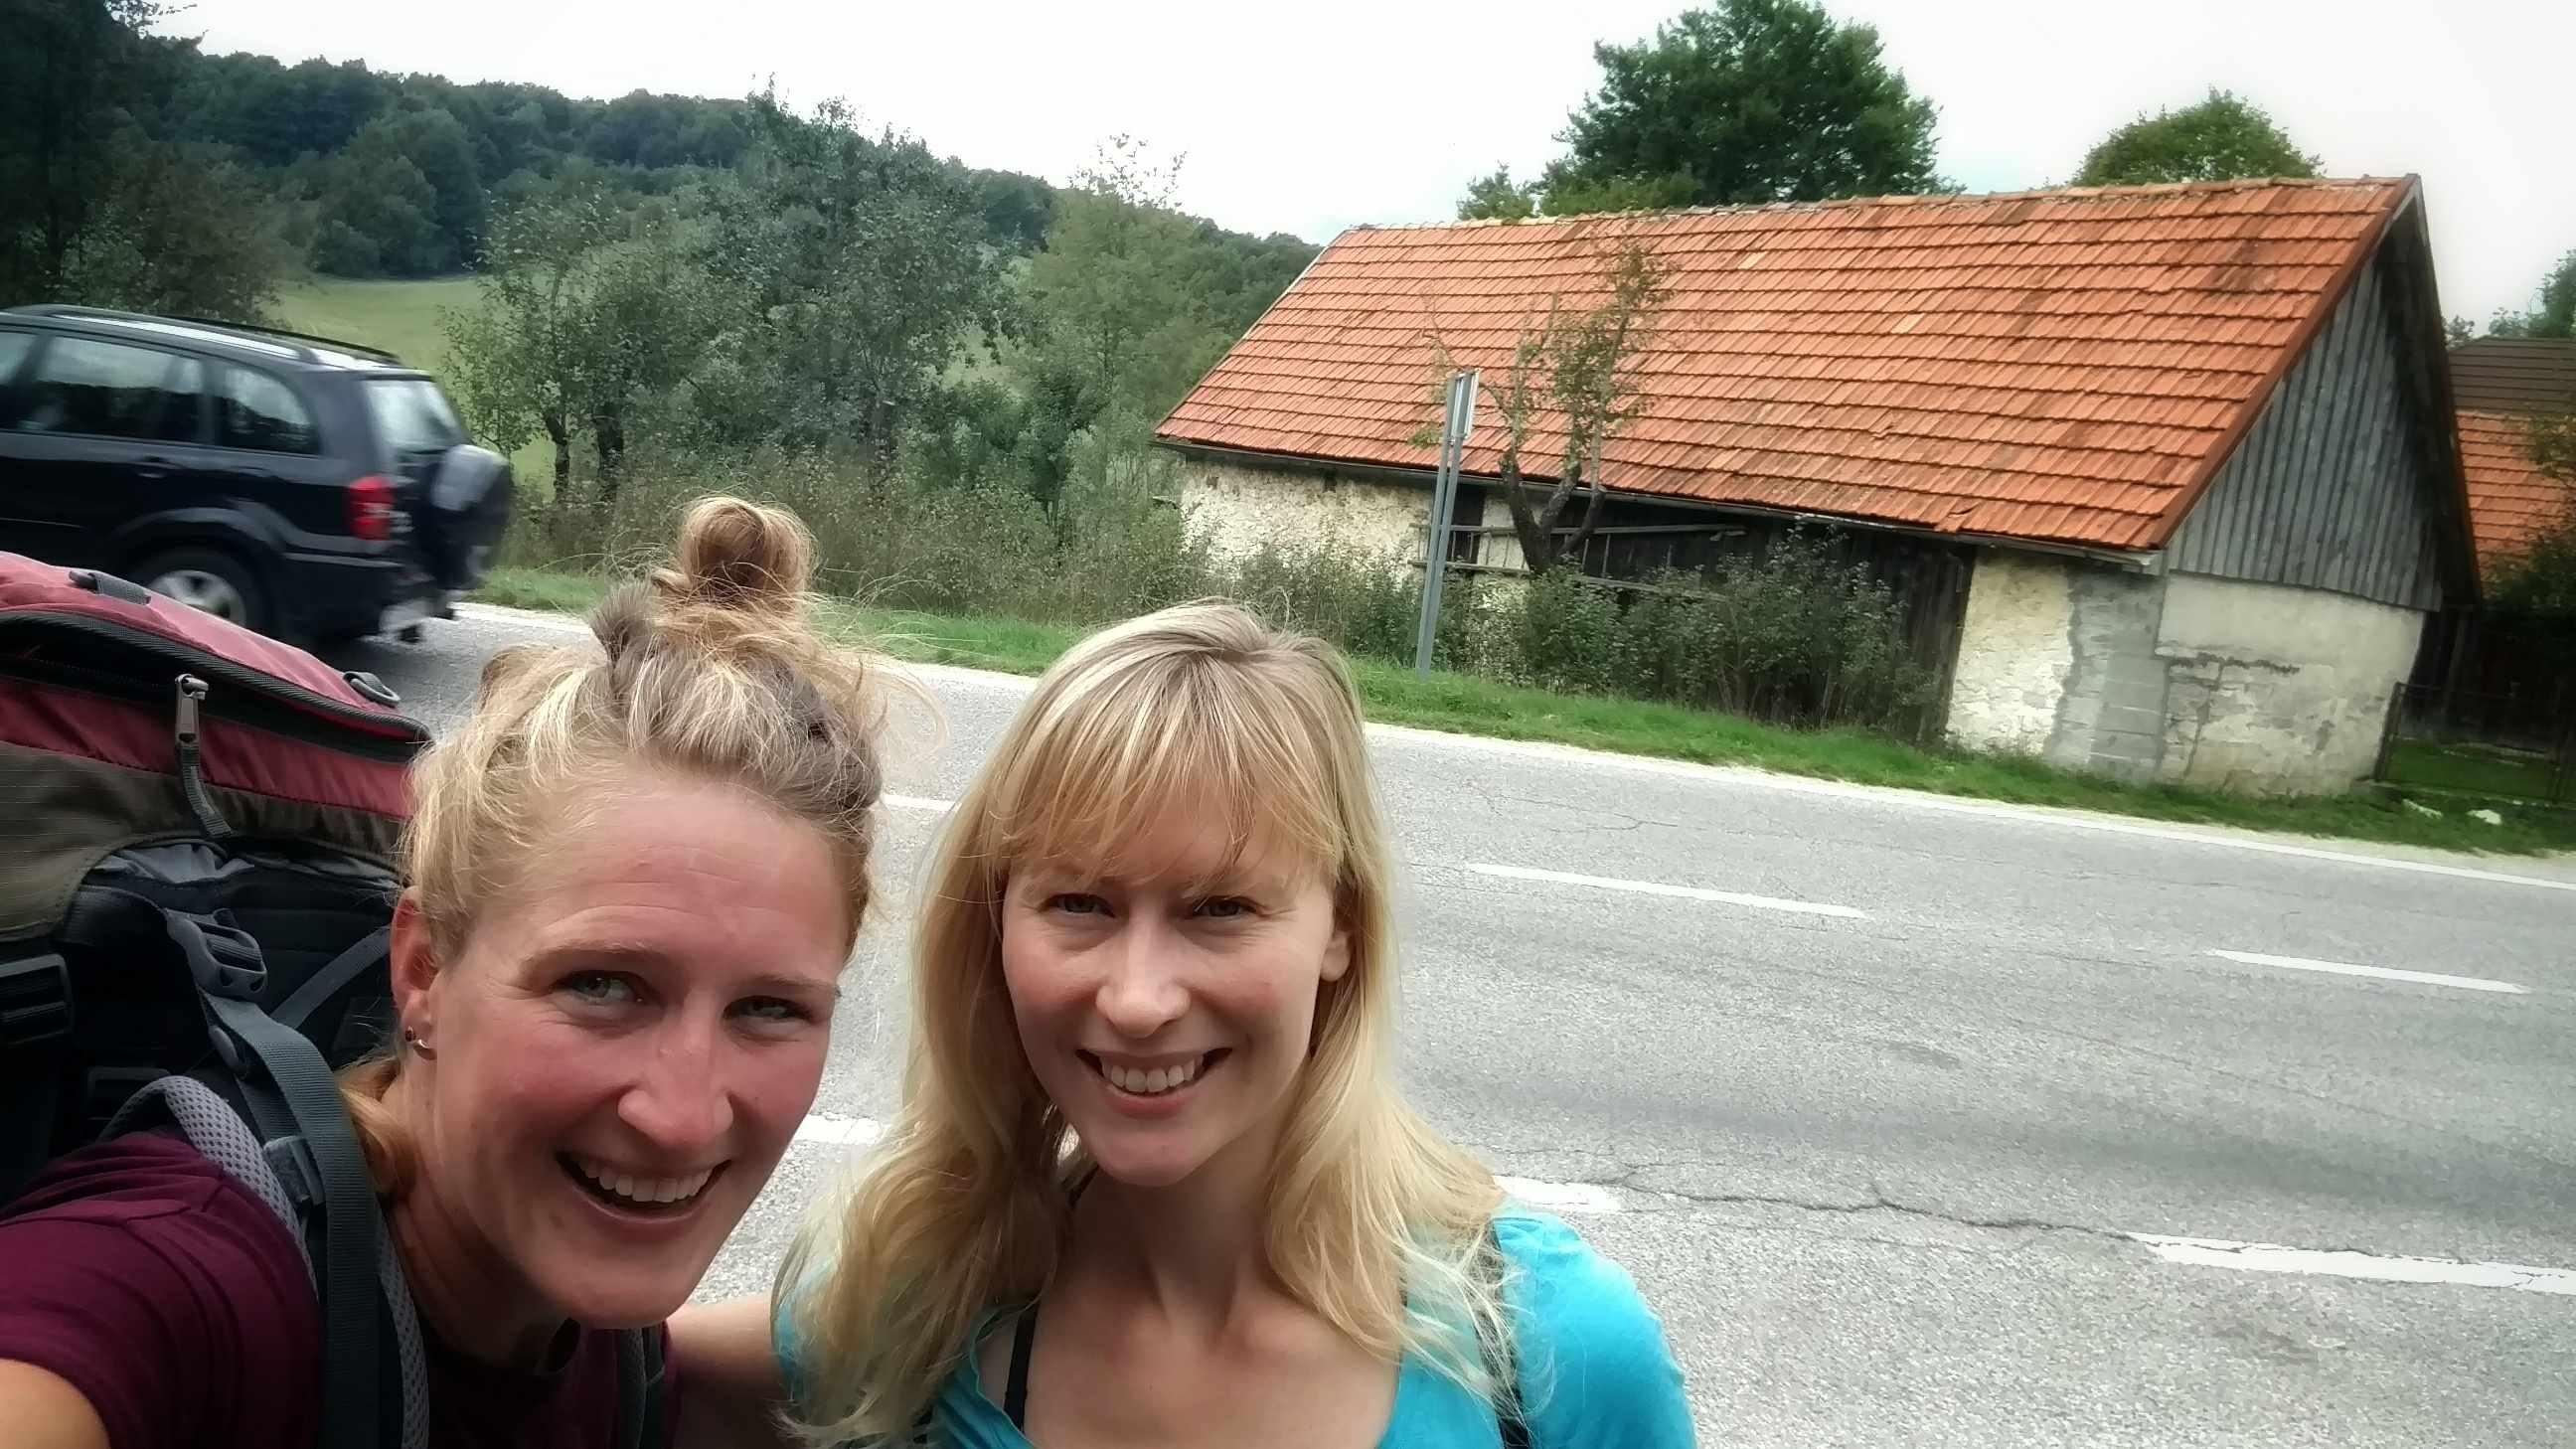 Afscheid_selfie | Op avontuur met Elise